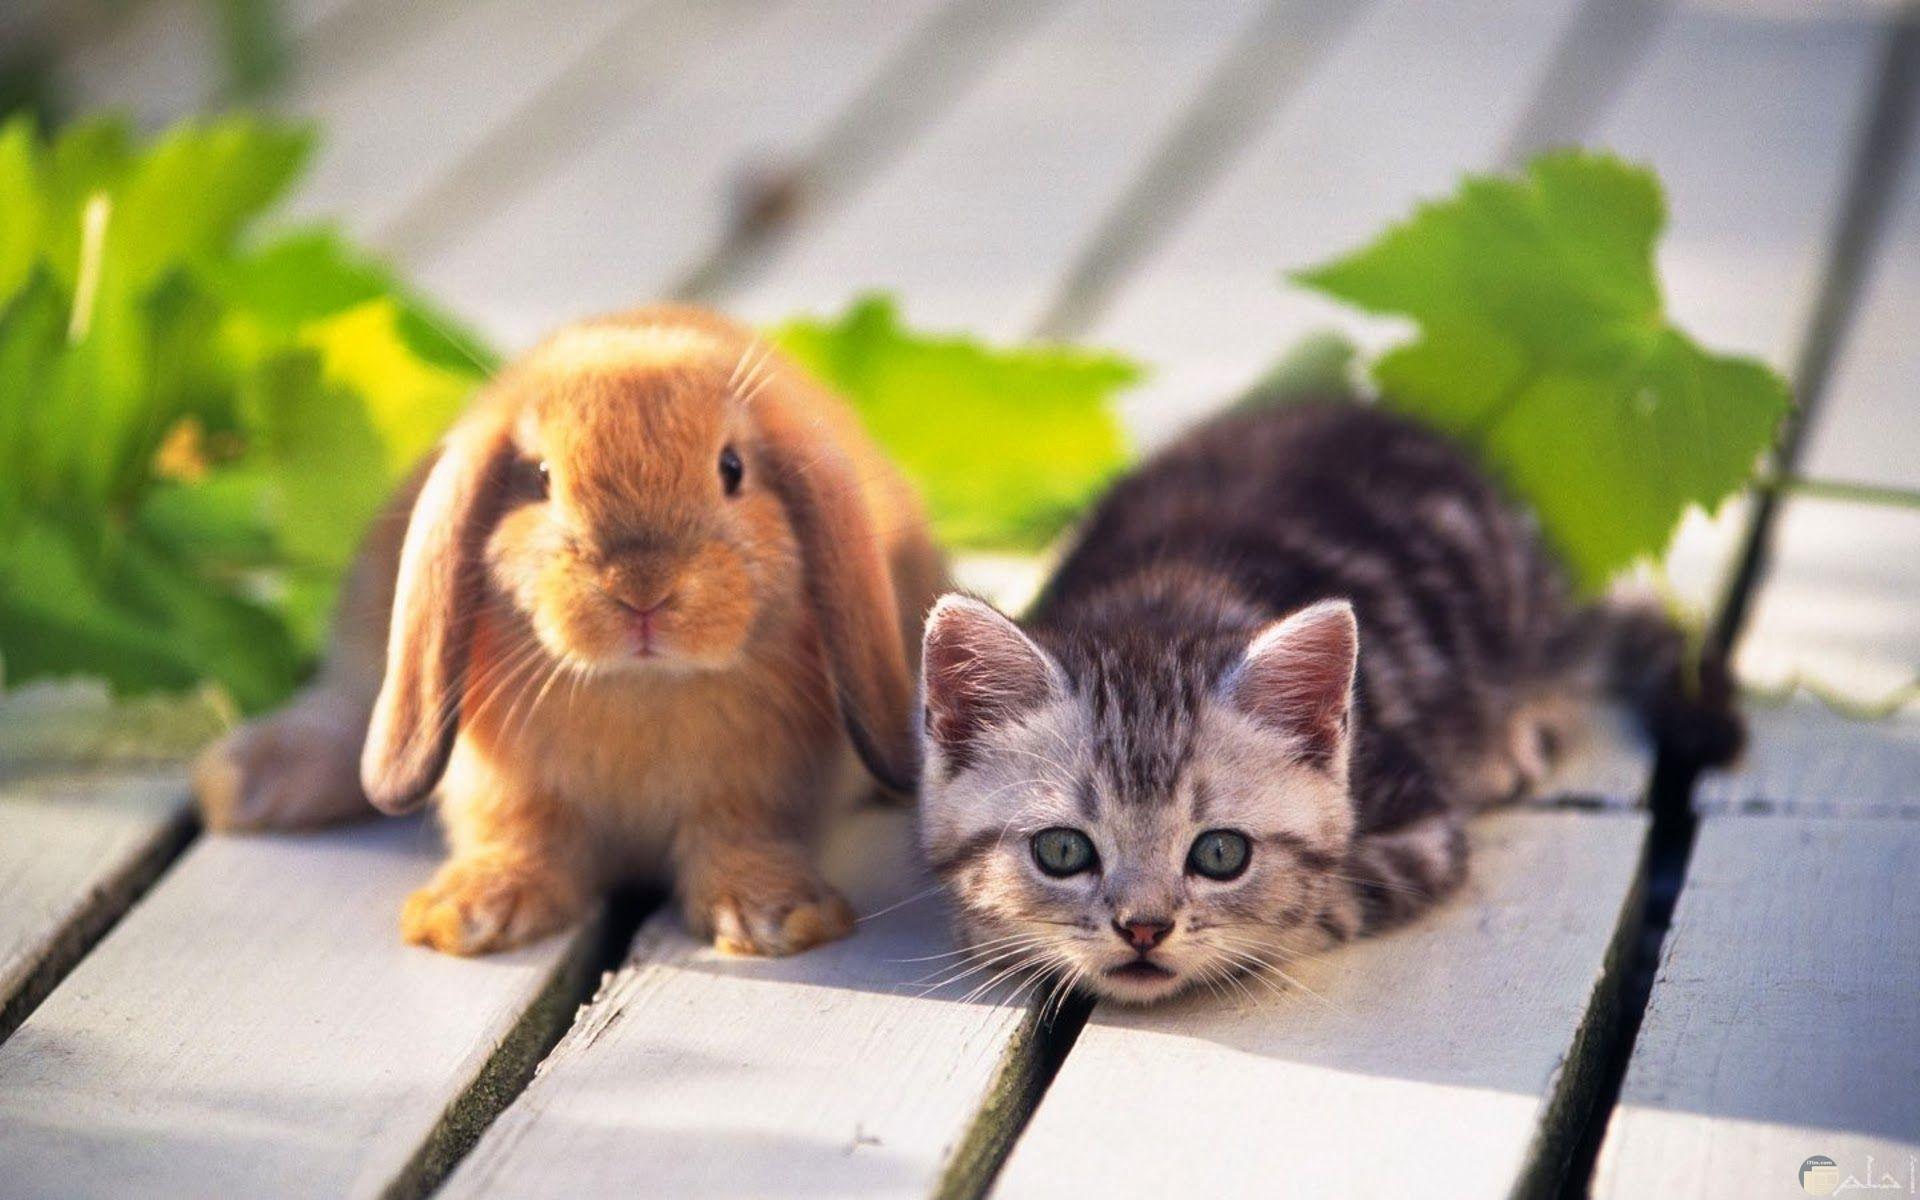 صورة قطة مع أرنب صغير.